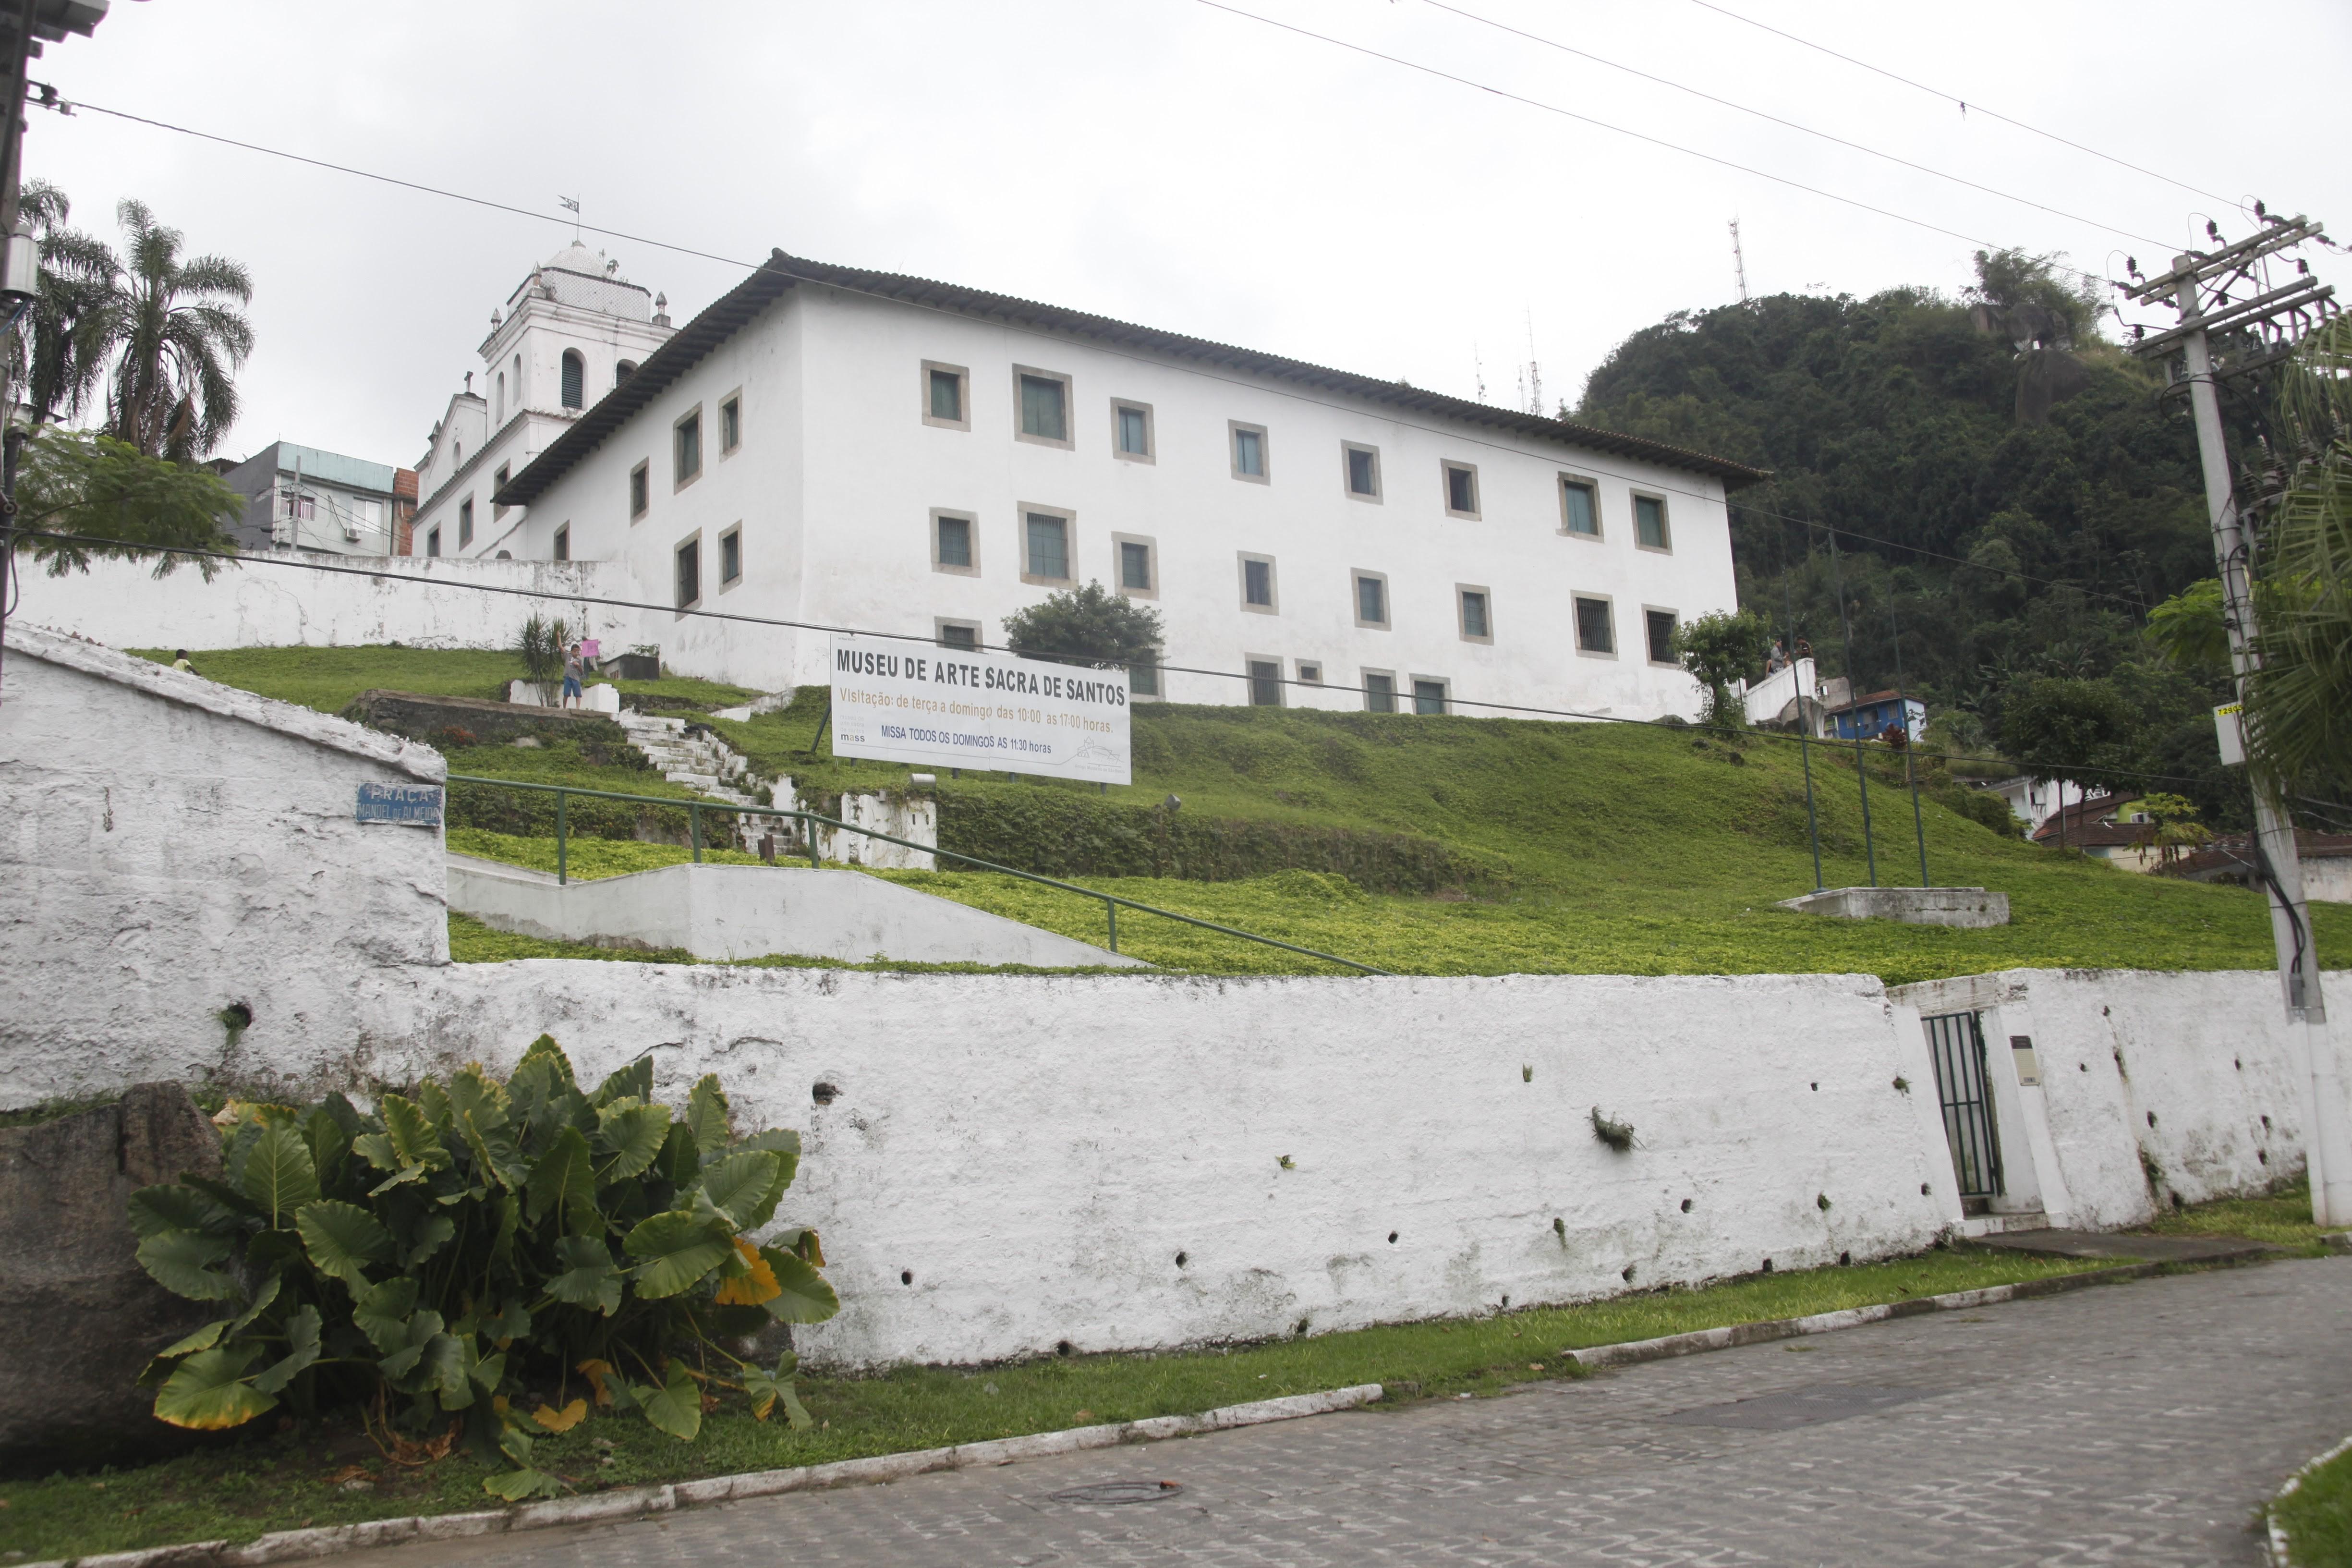 Santos, Praia Grande e Guarujá recebem a 12ª Primavera dos Museus - Radio Evangelho Gospel